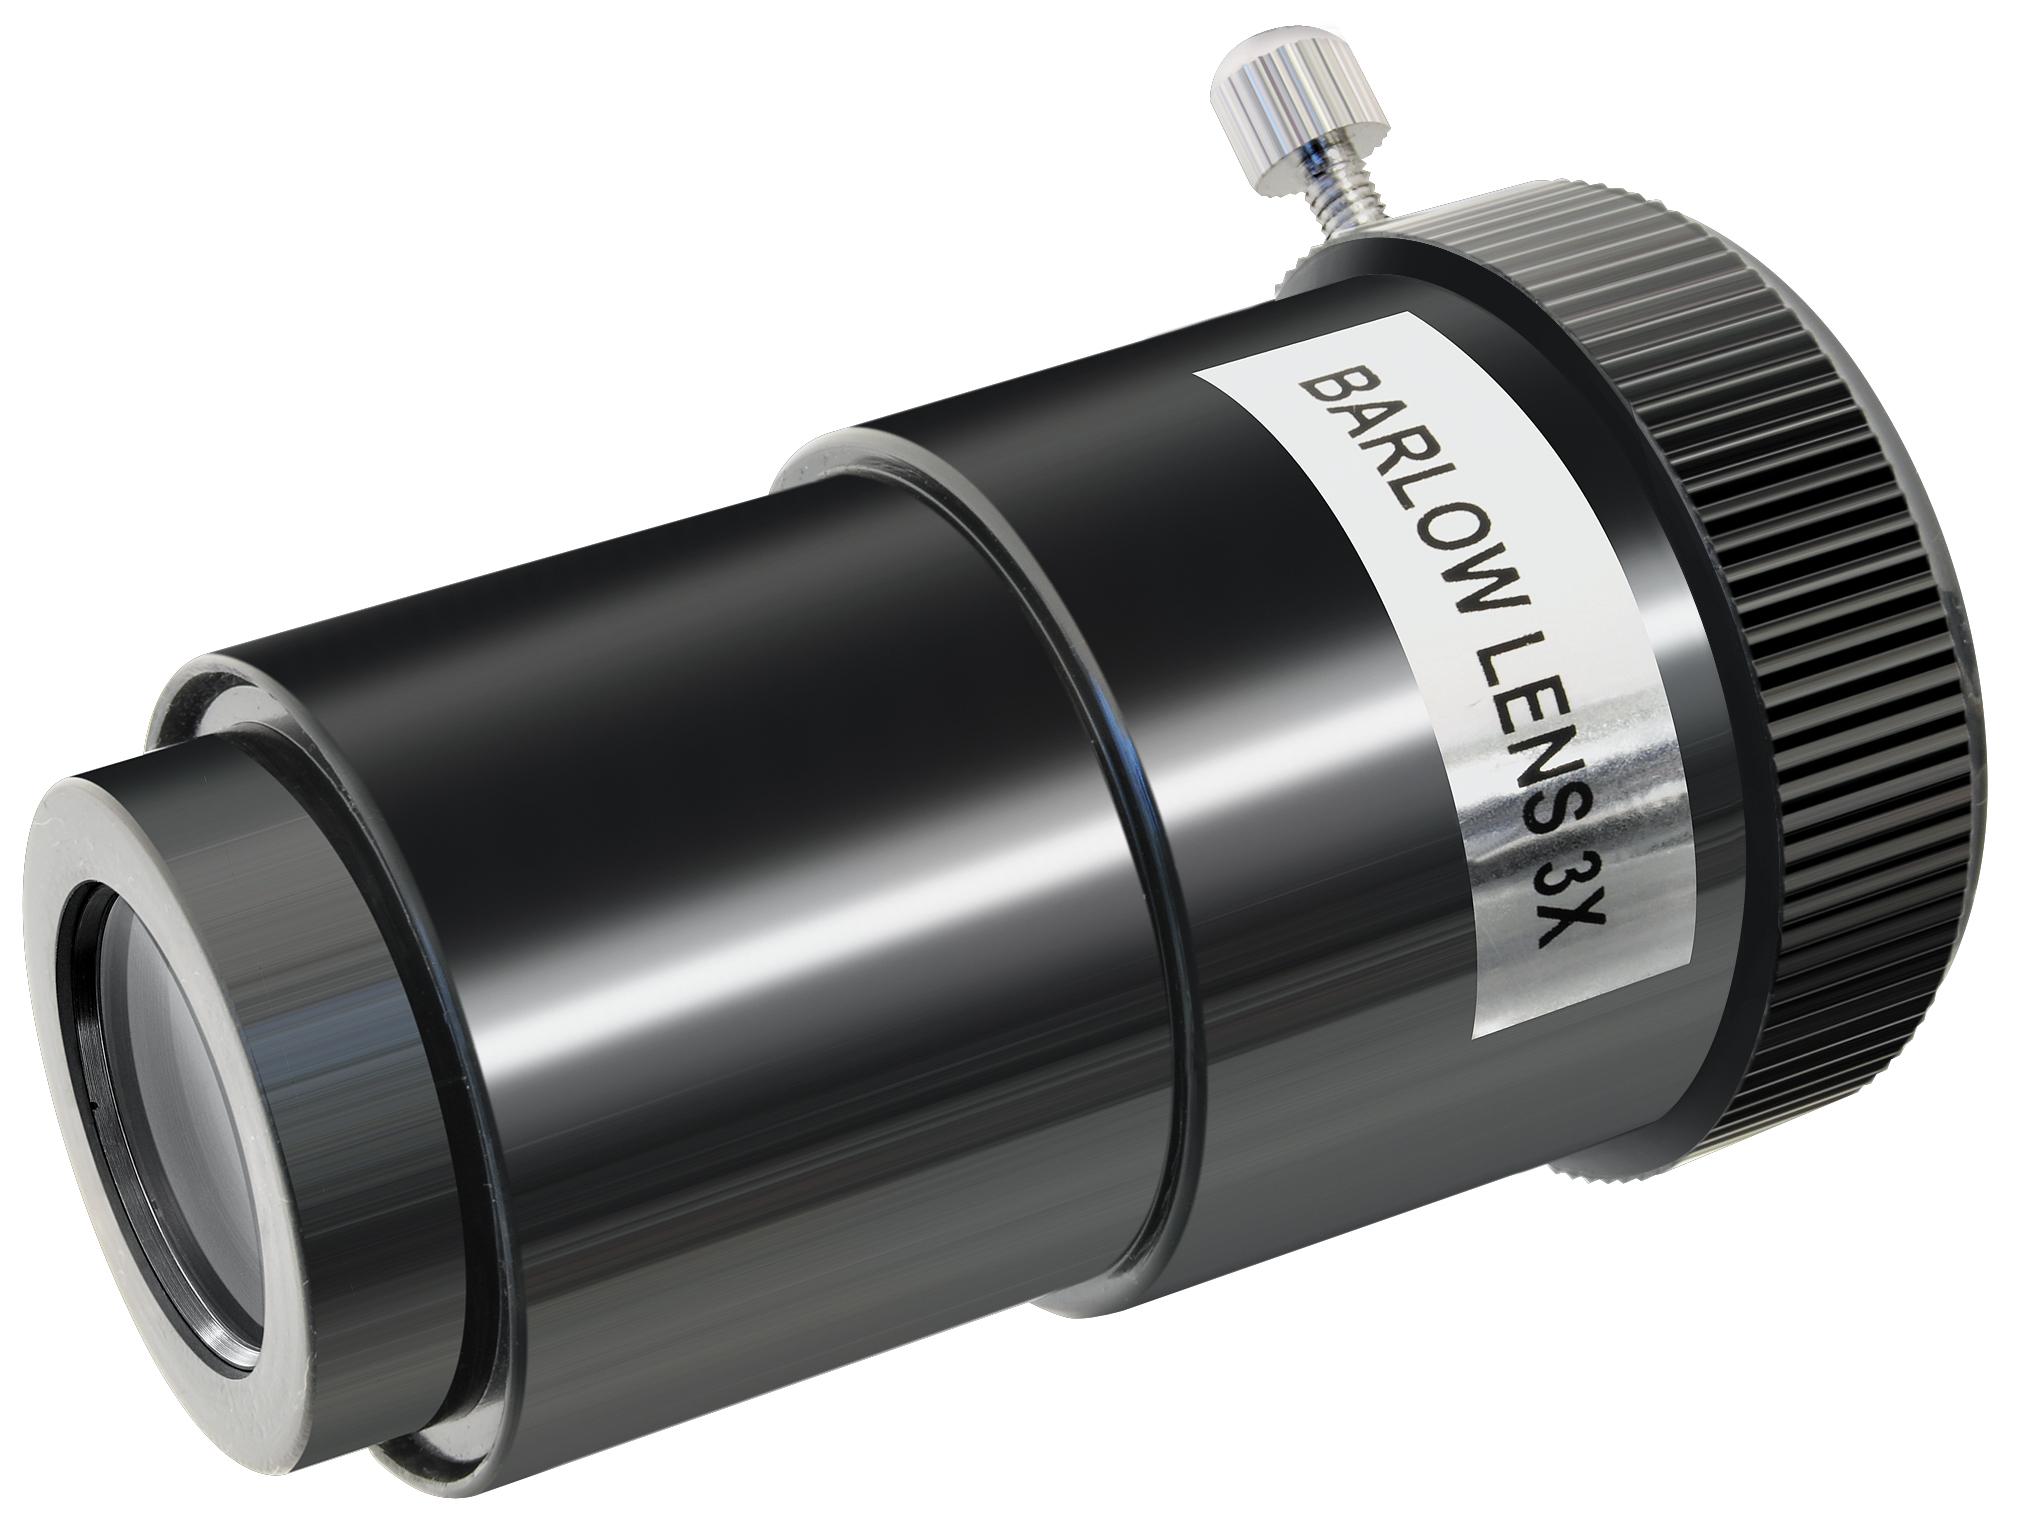 National geographic linsen teleskop azimutal achromatisch